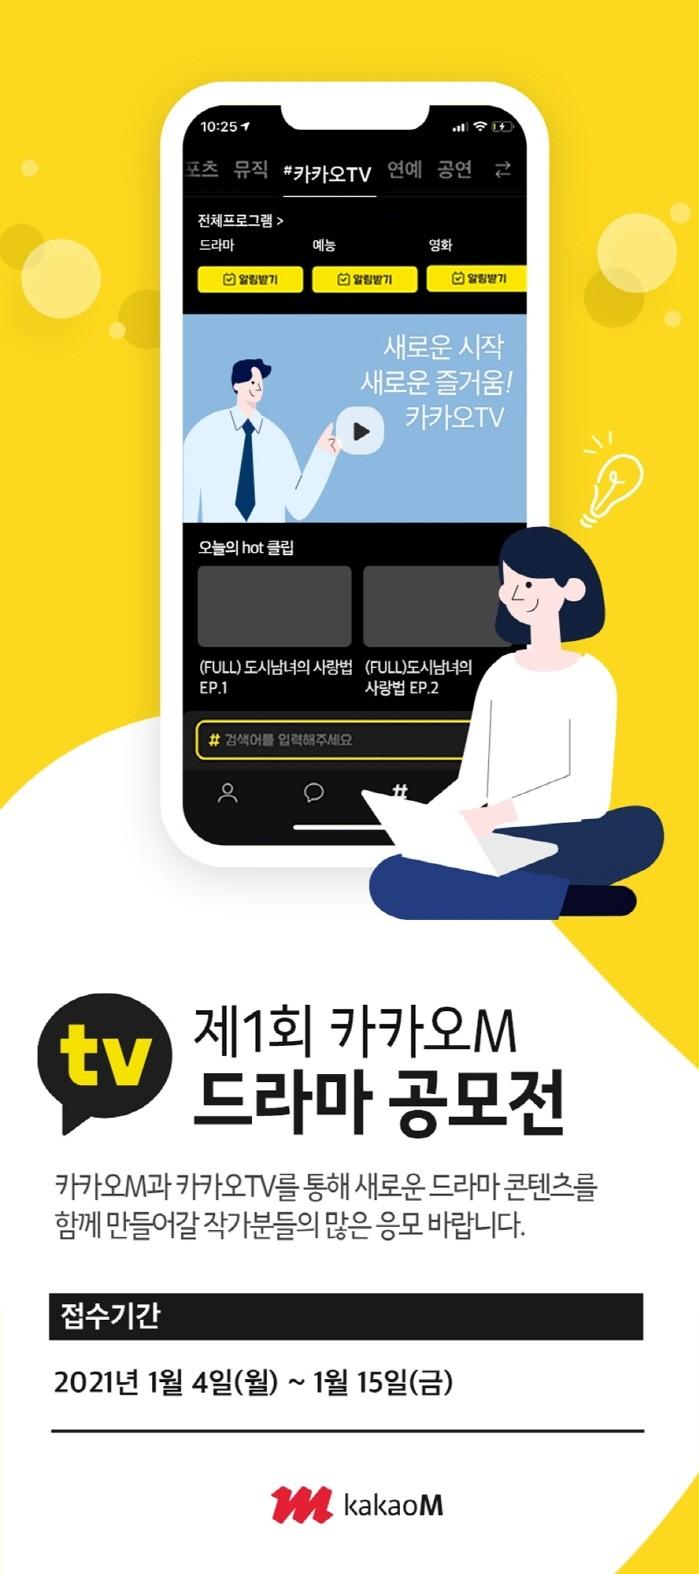 사진=카카오M 제공